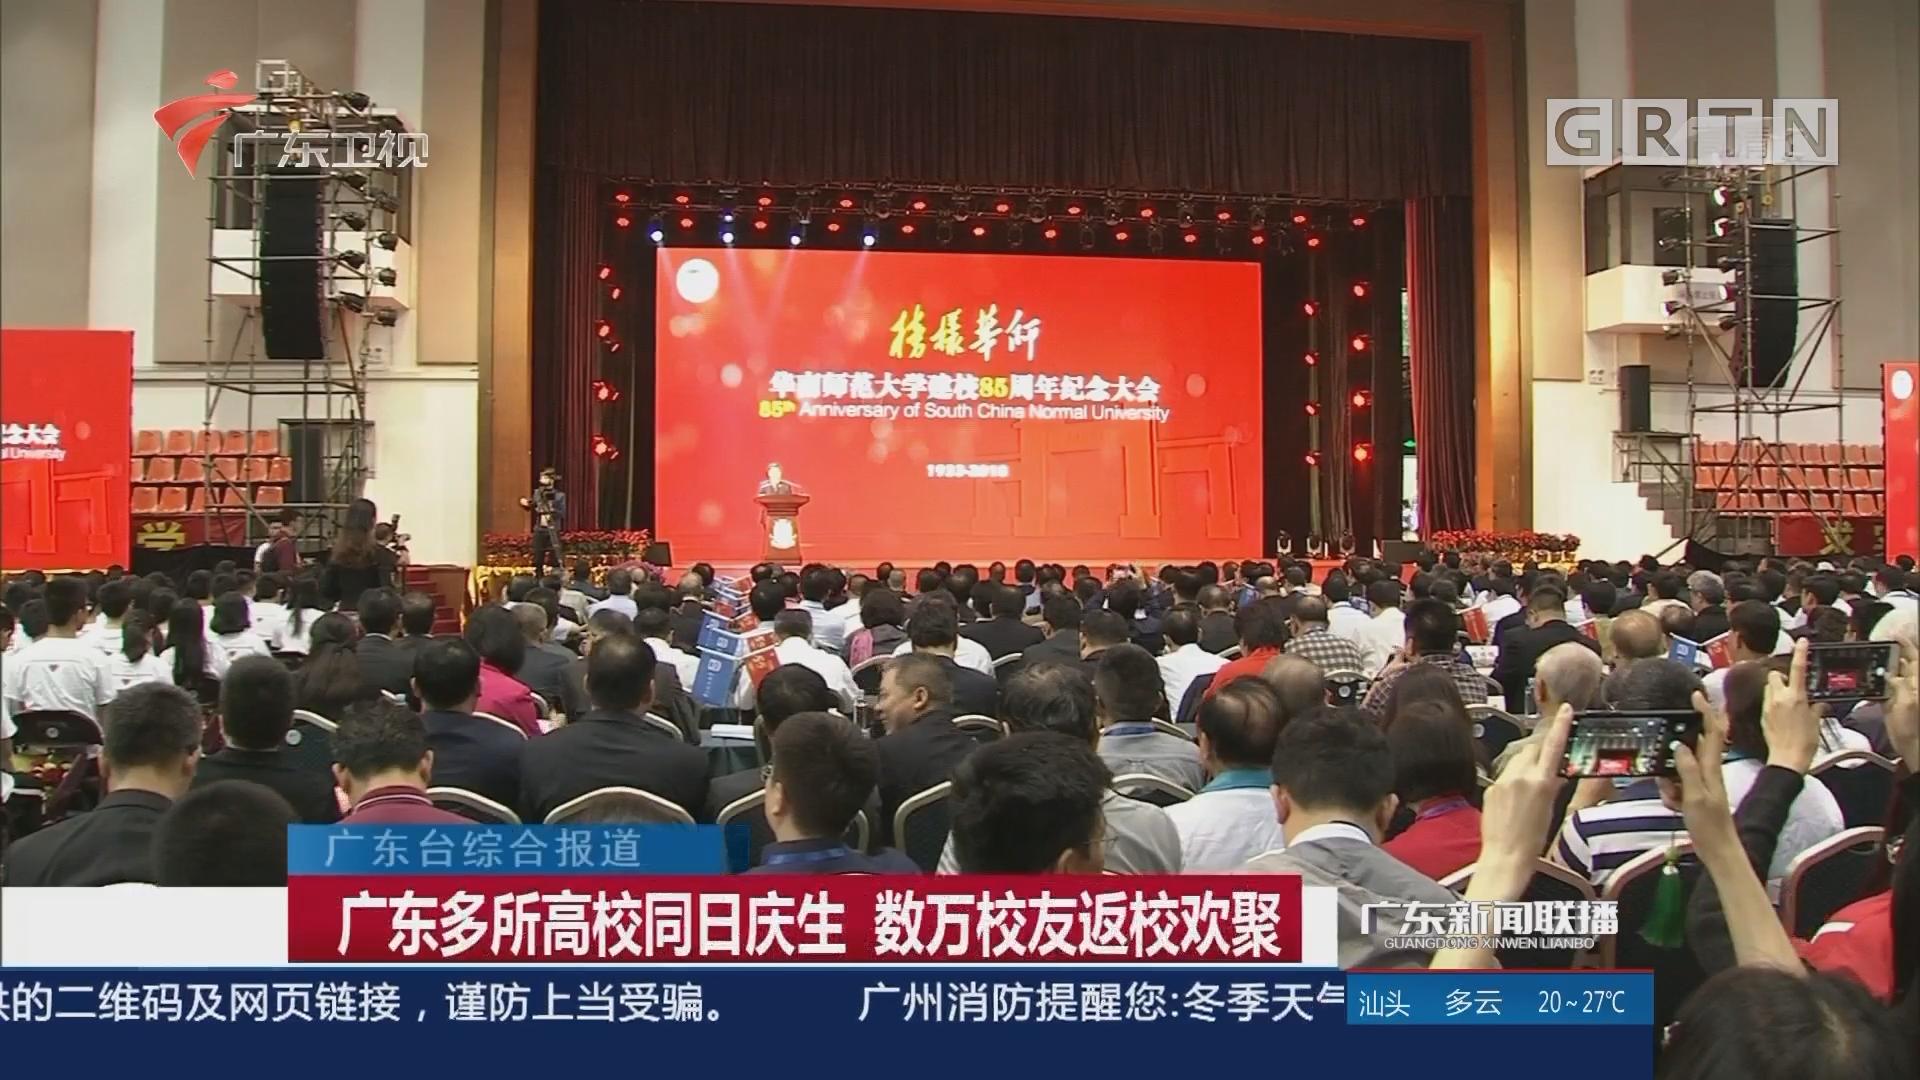 广东多所高校同日庆生 数万校友返校欢聚